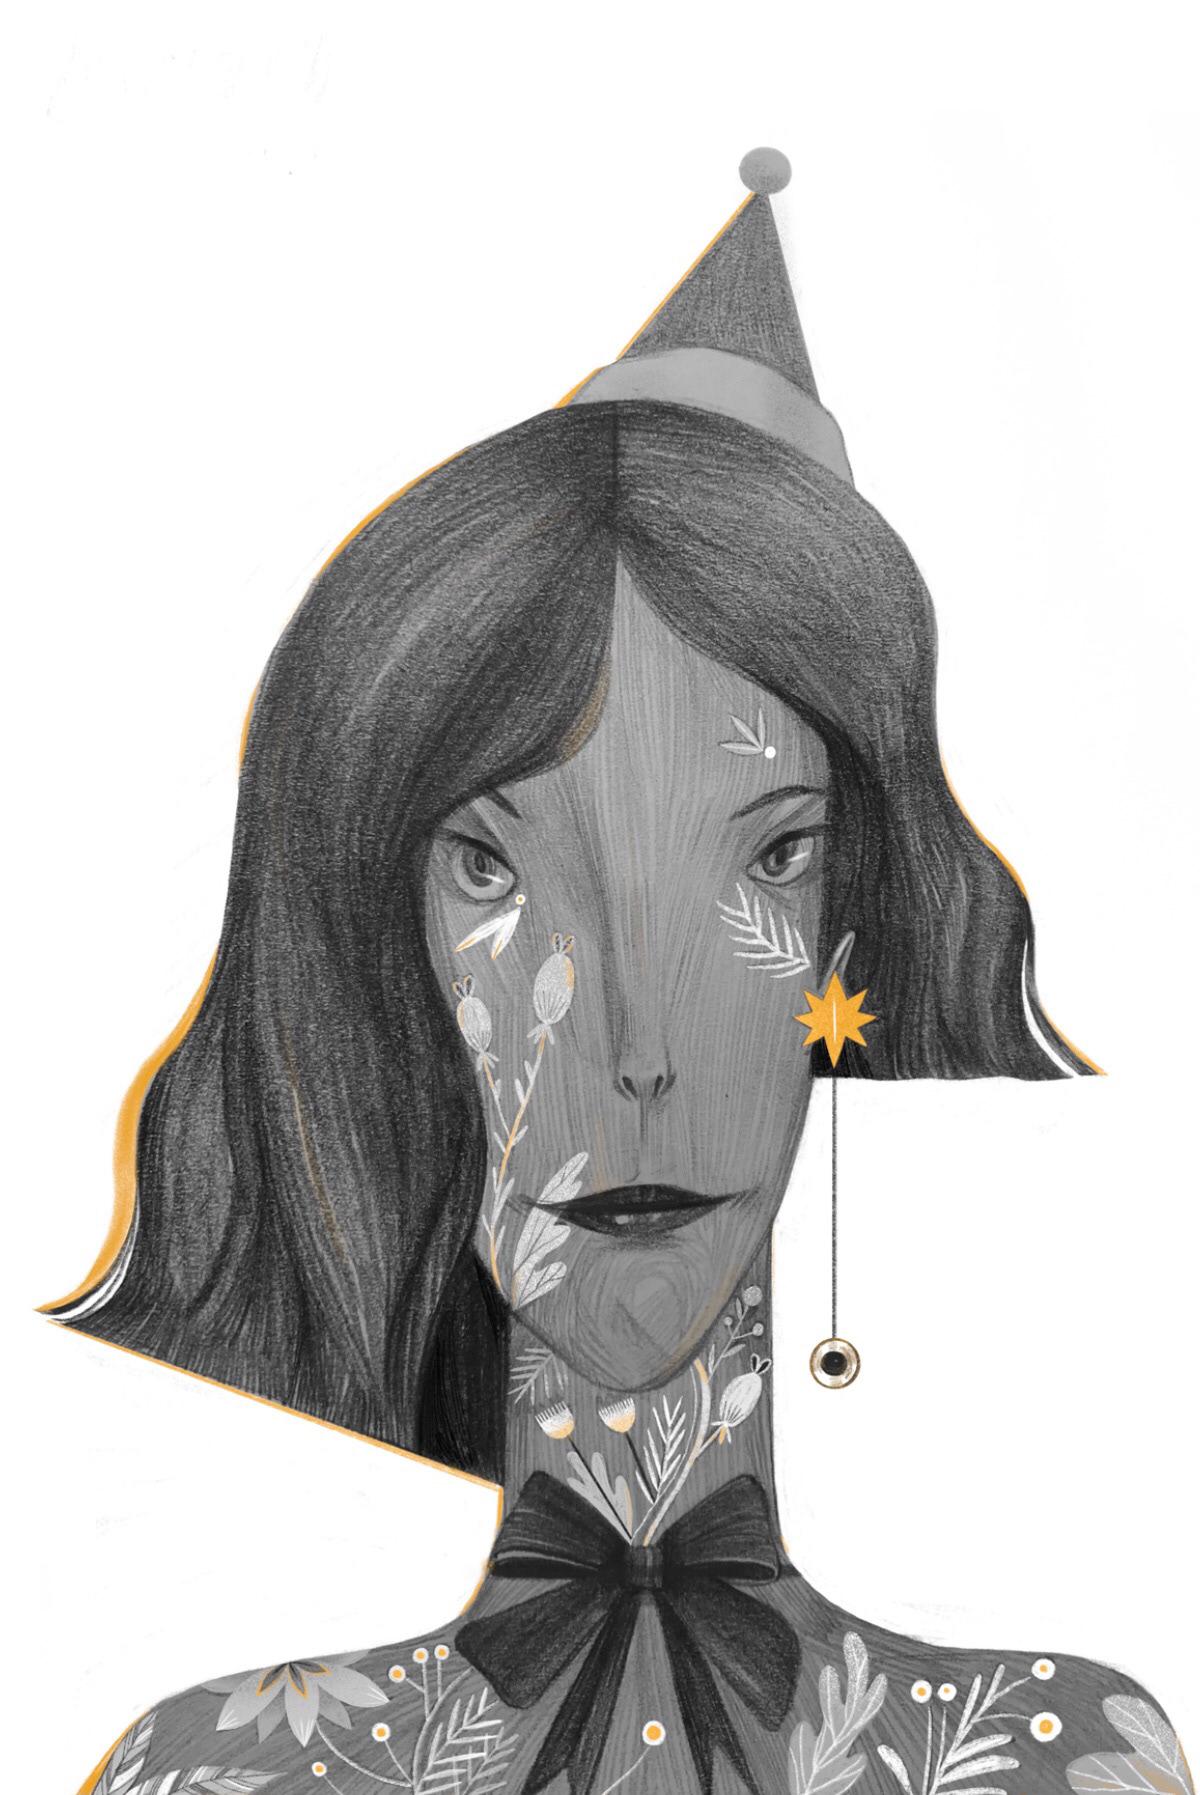 pencil drawing woman by zhong niao